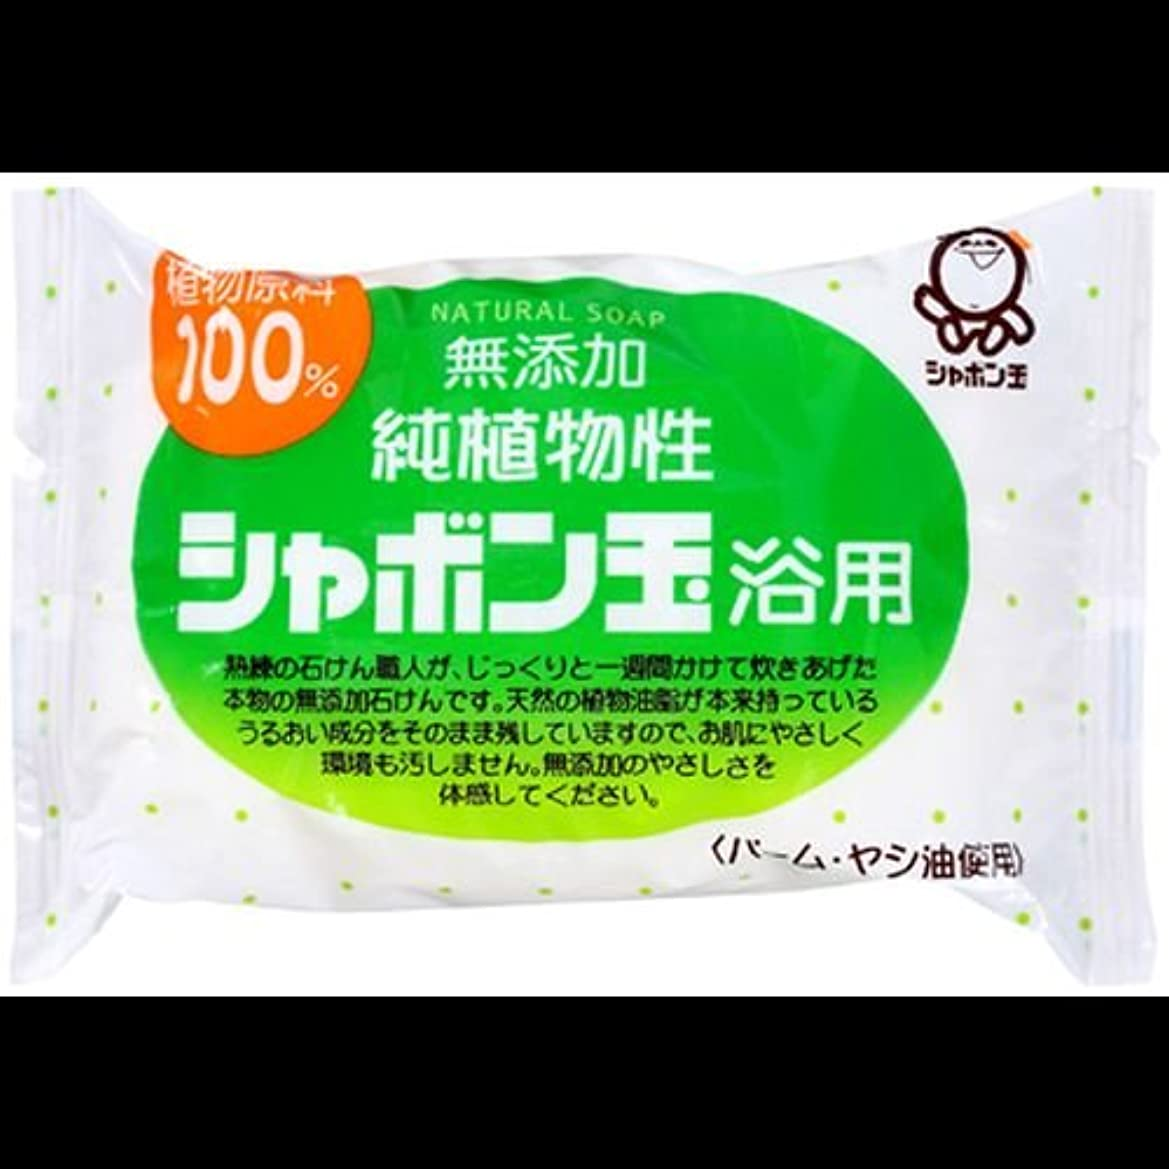 艦隊贅沢不良品【まとめ買い】シャボン玉 無添加 純植物性 シャボン玉浴用石けん 純植物性 100g ×2セット